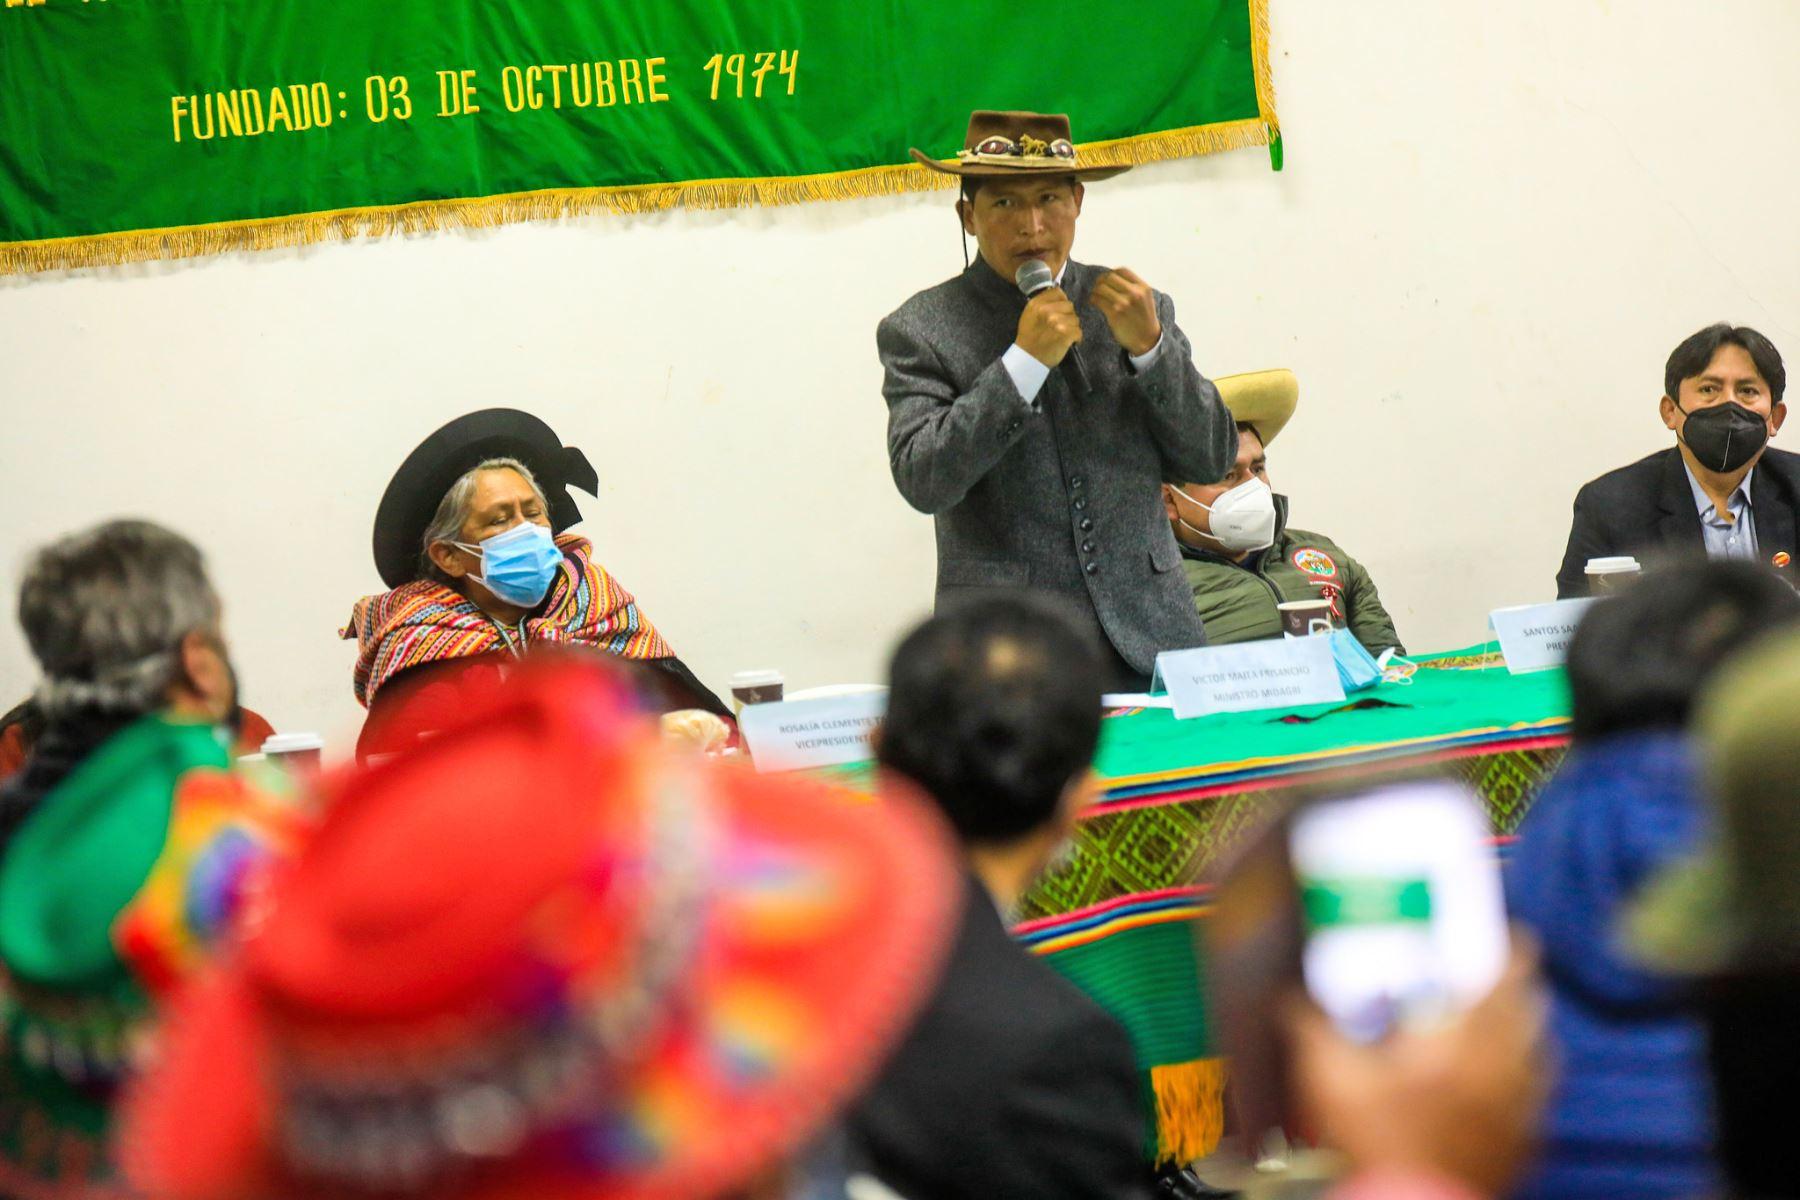 El Ministro de Desarrollo Agrario y Riego, Víctor Maita,  se reúne con la Confederación Agraria. Foto: ANDINA/ MIDAGRI